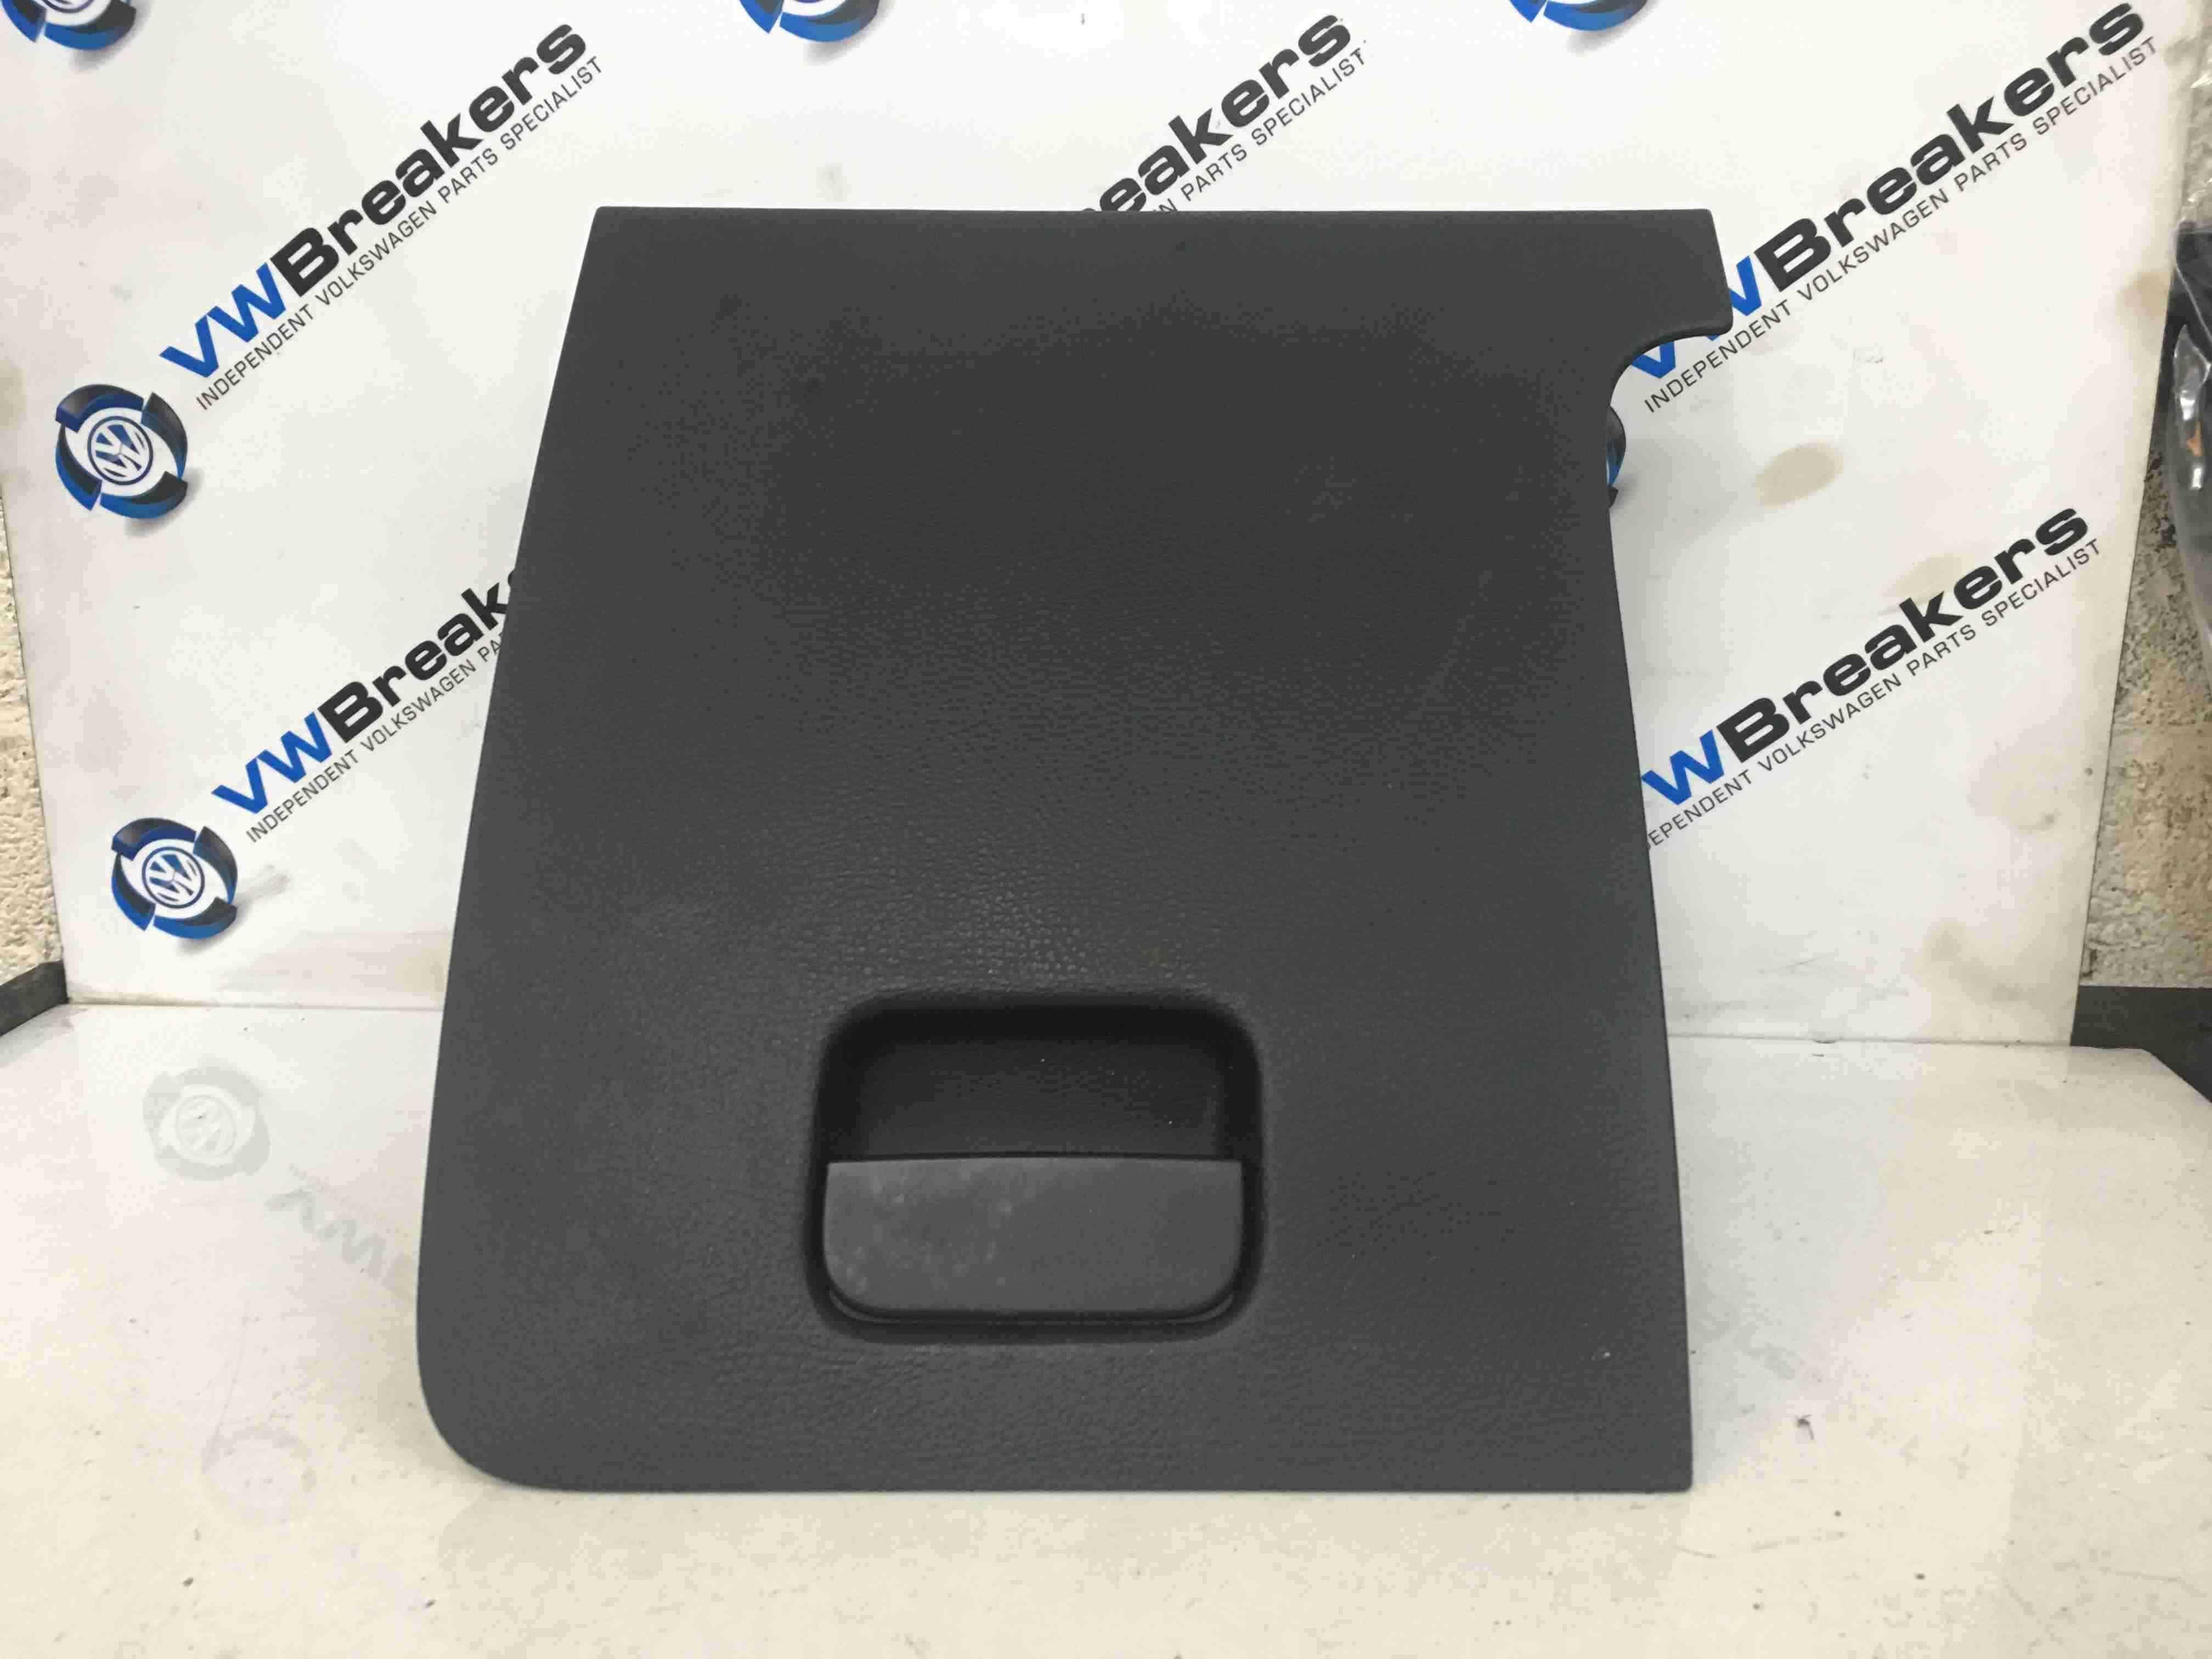 Volkswagen Passat B7 2010-2015 Drivers OSF Front Dashboard Glove Box Storage